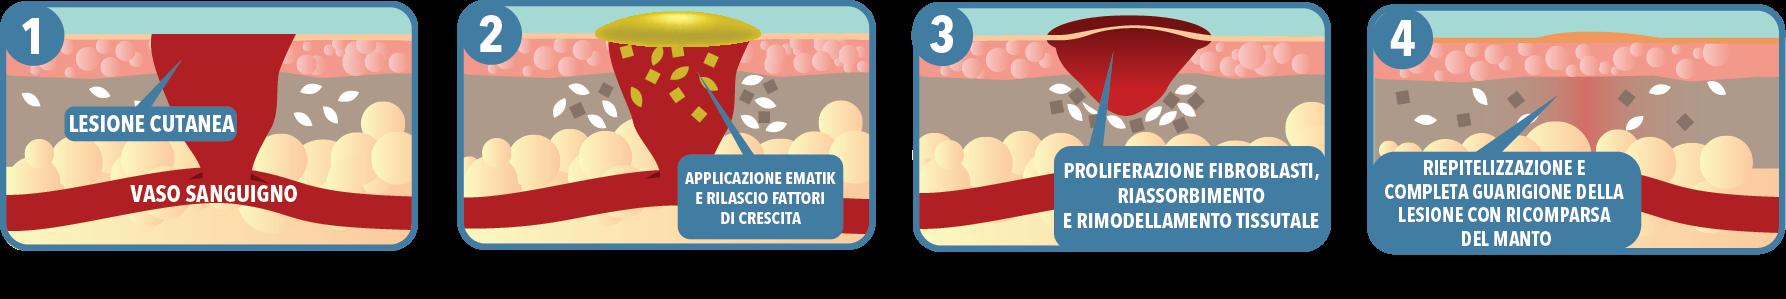 Come funziona il Patch PRP